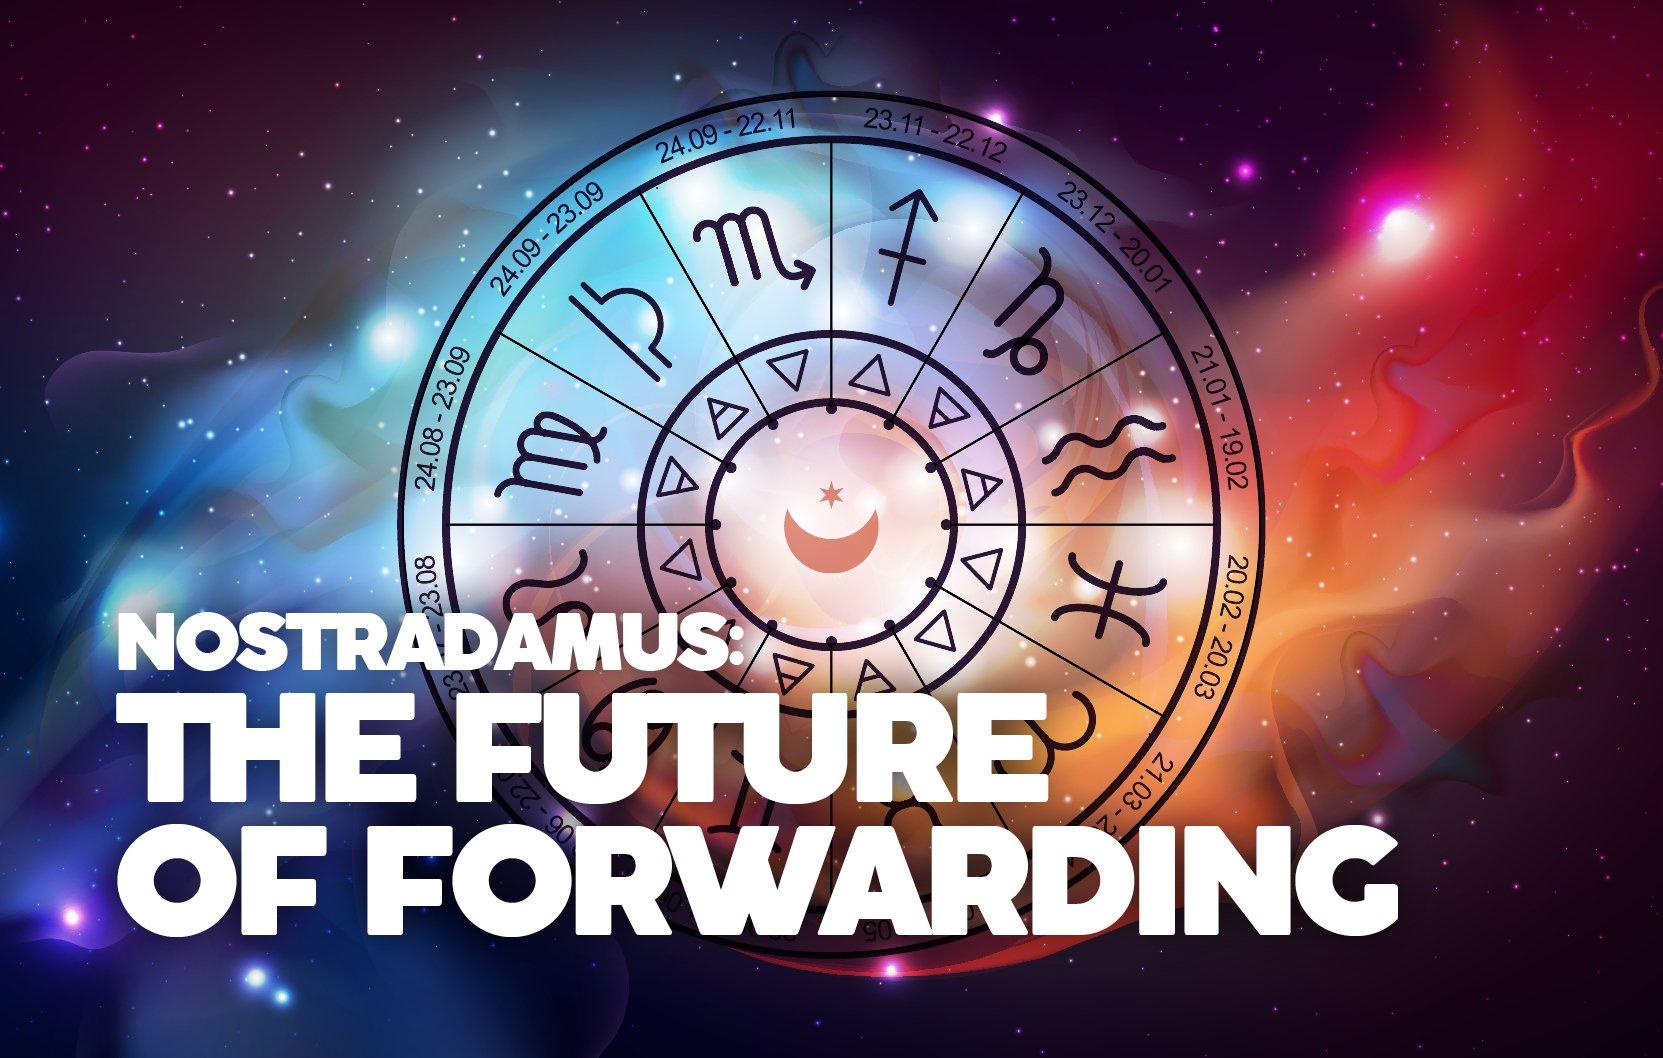 NOSTRADAMUS - THE FUTURE OF FORWARDING